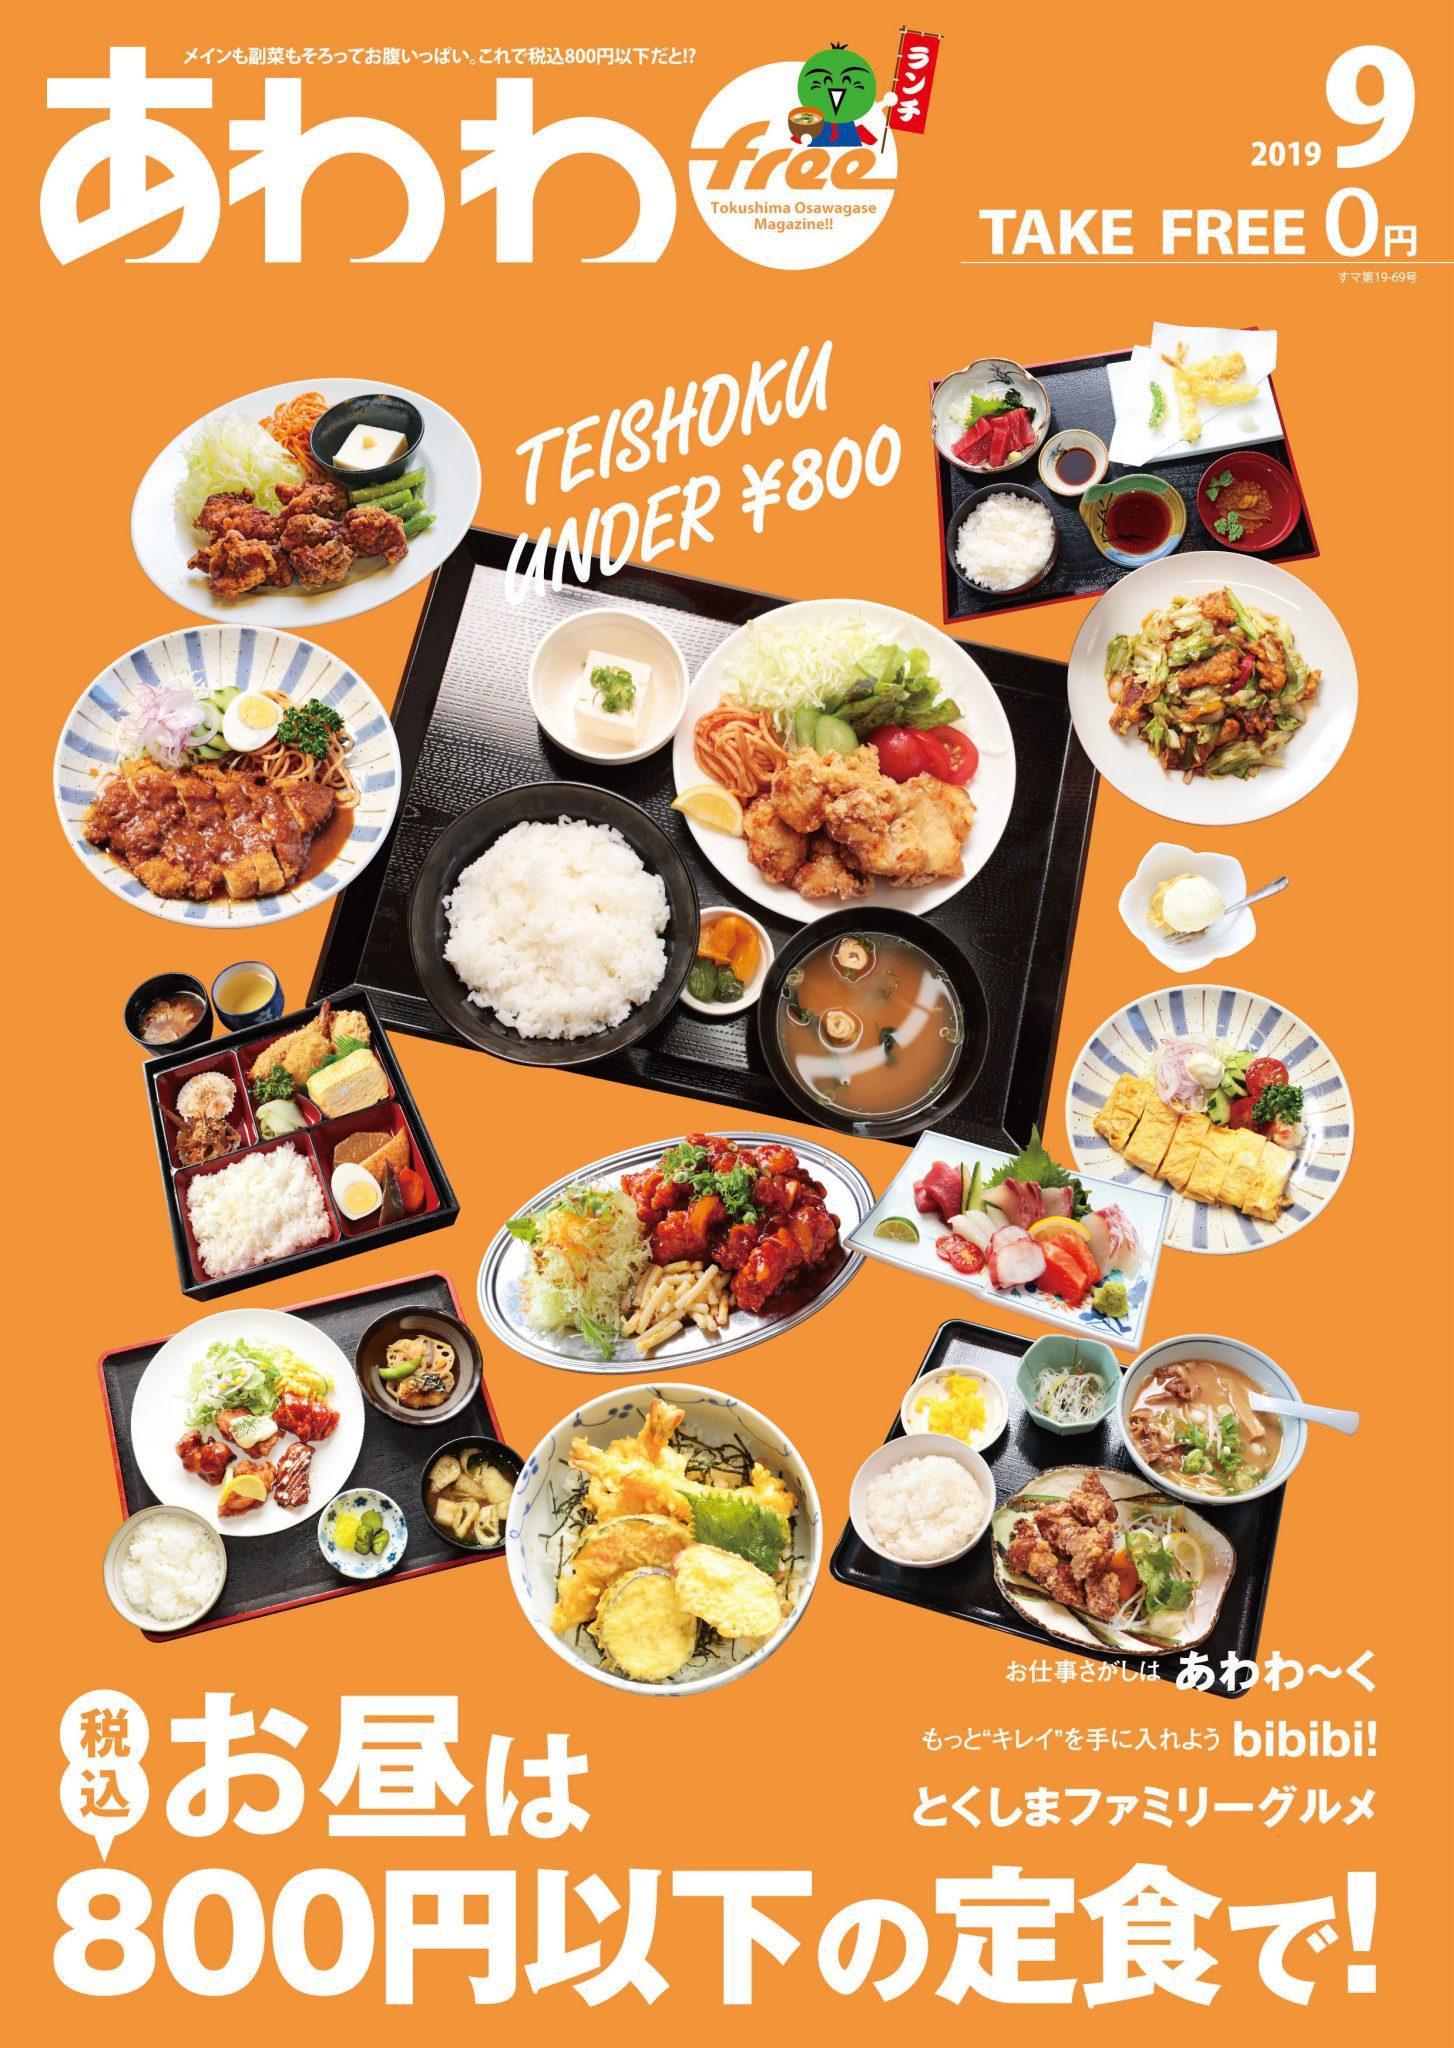 あわわ2019年9月号 8/24無料配布開始!『お昼は税込800円以下の定食で!』